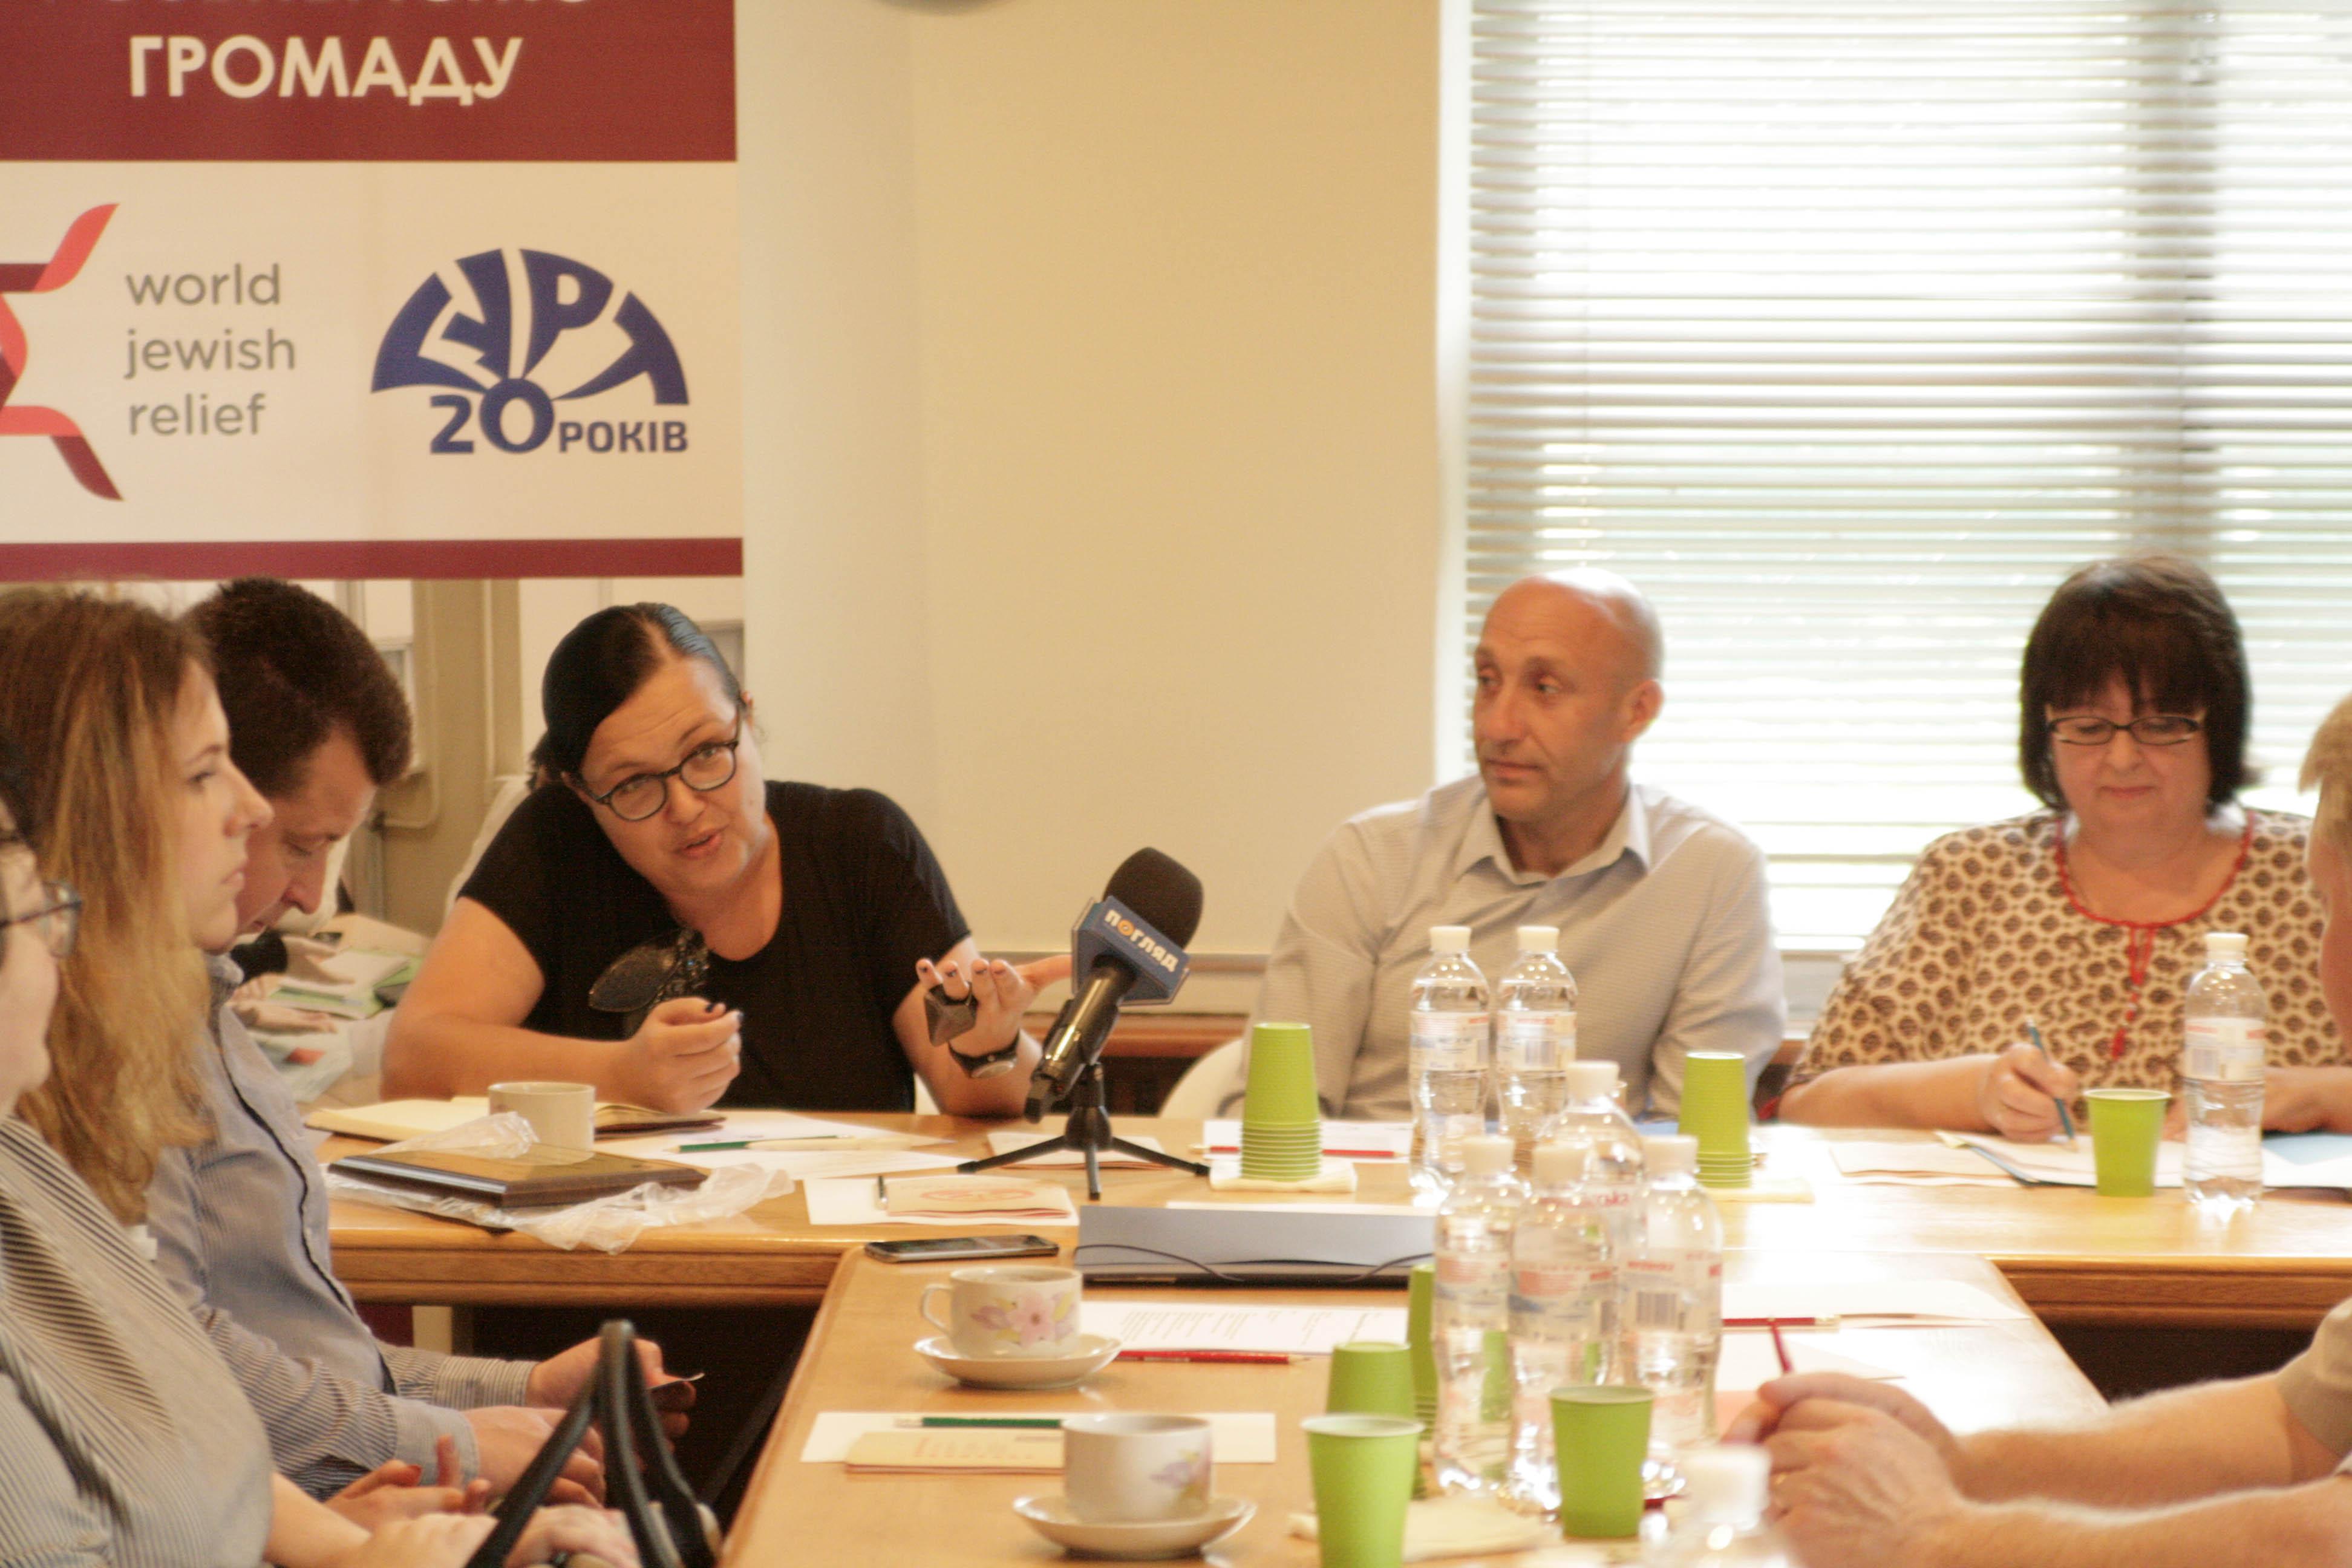 MG_3238 216 тис. грн. для розвитку малого бізнесу: в Бородянці привітали переможців конкурсу бізнес-проектів